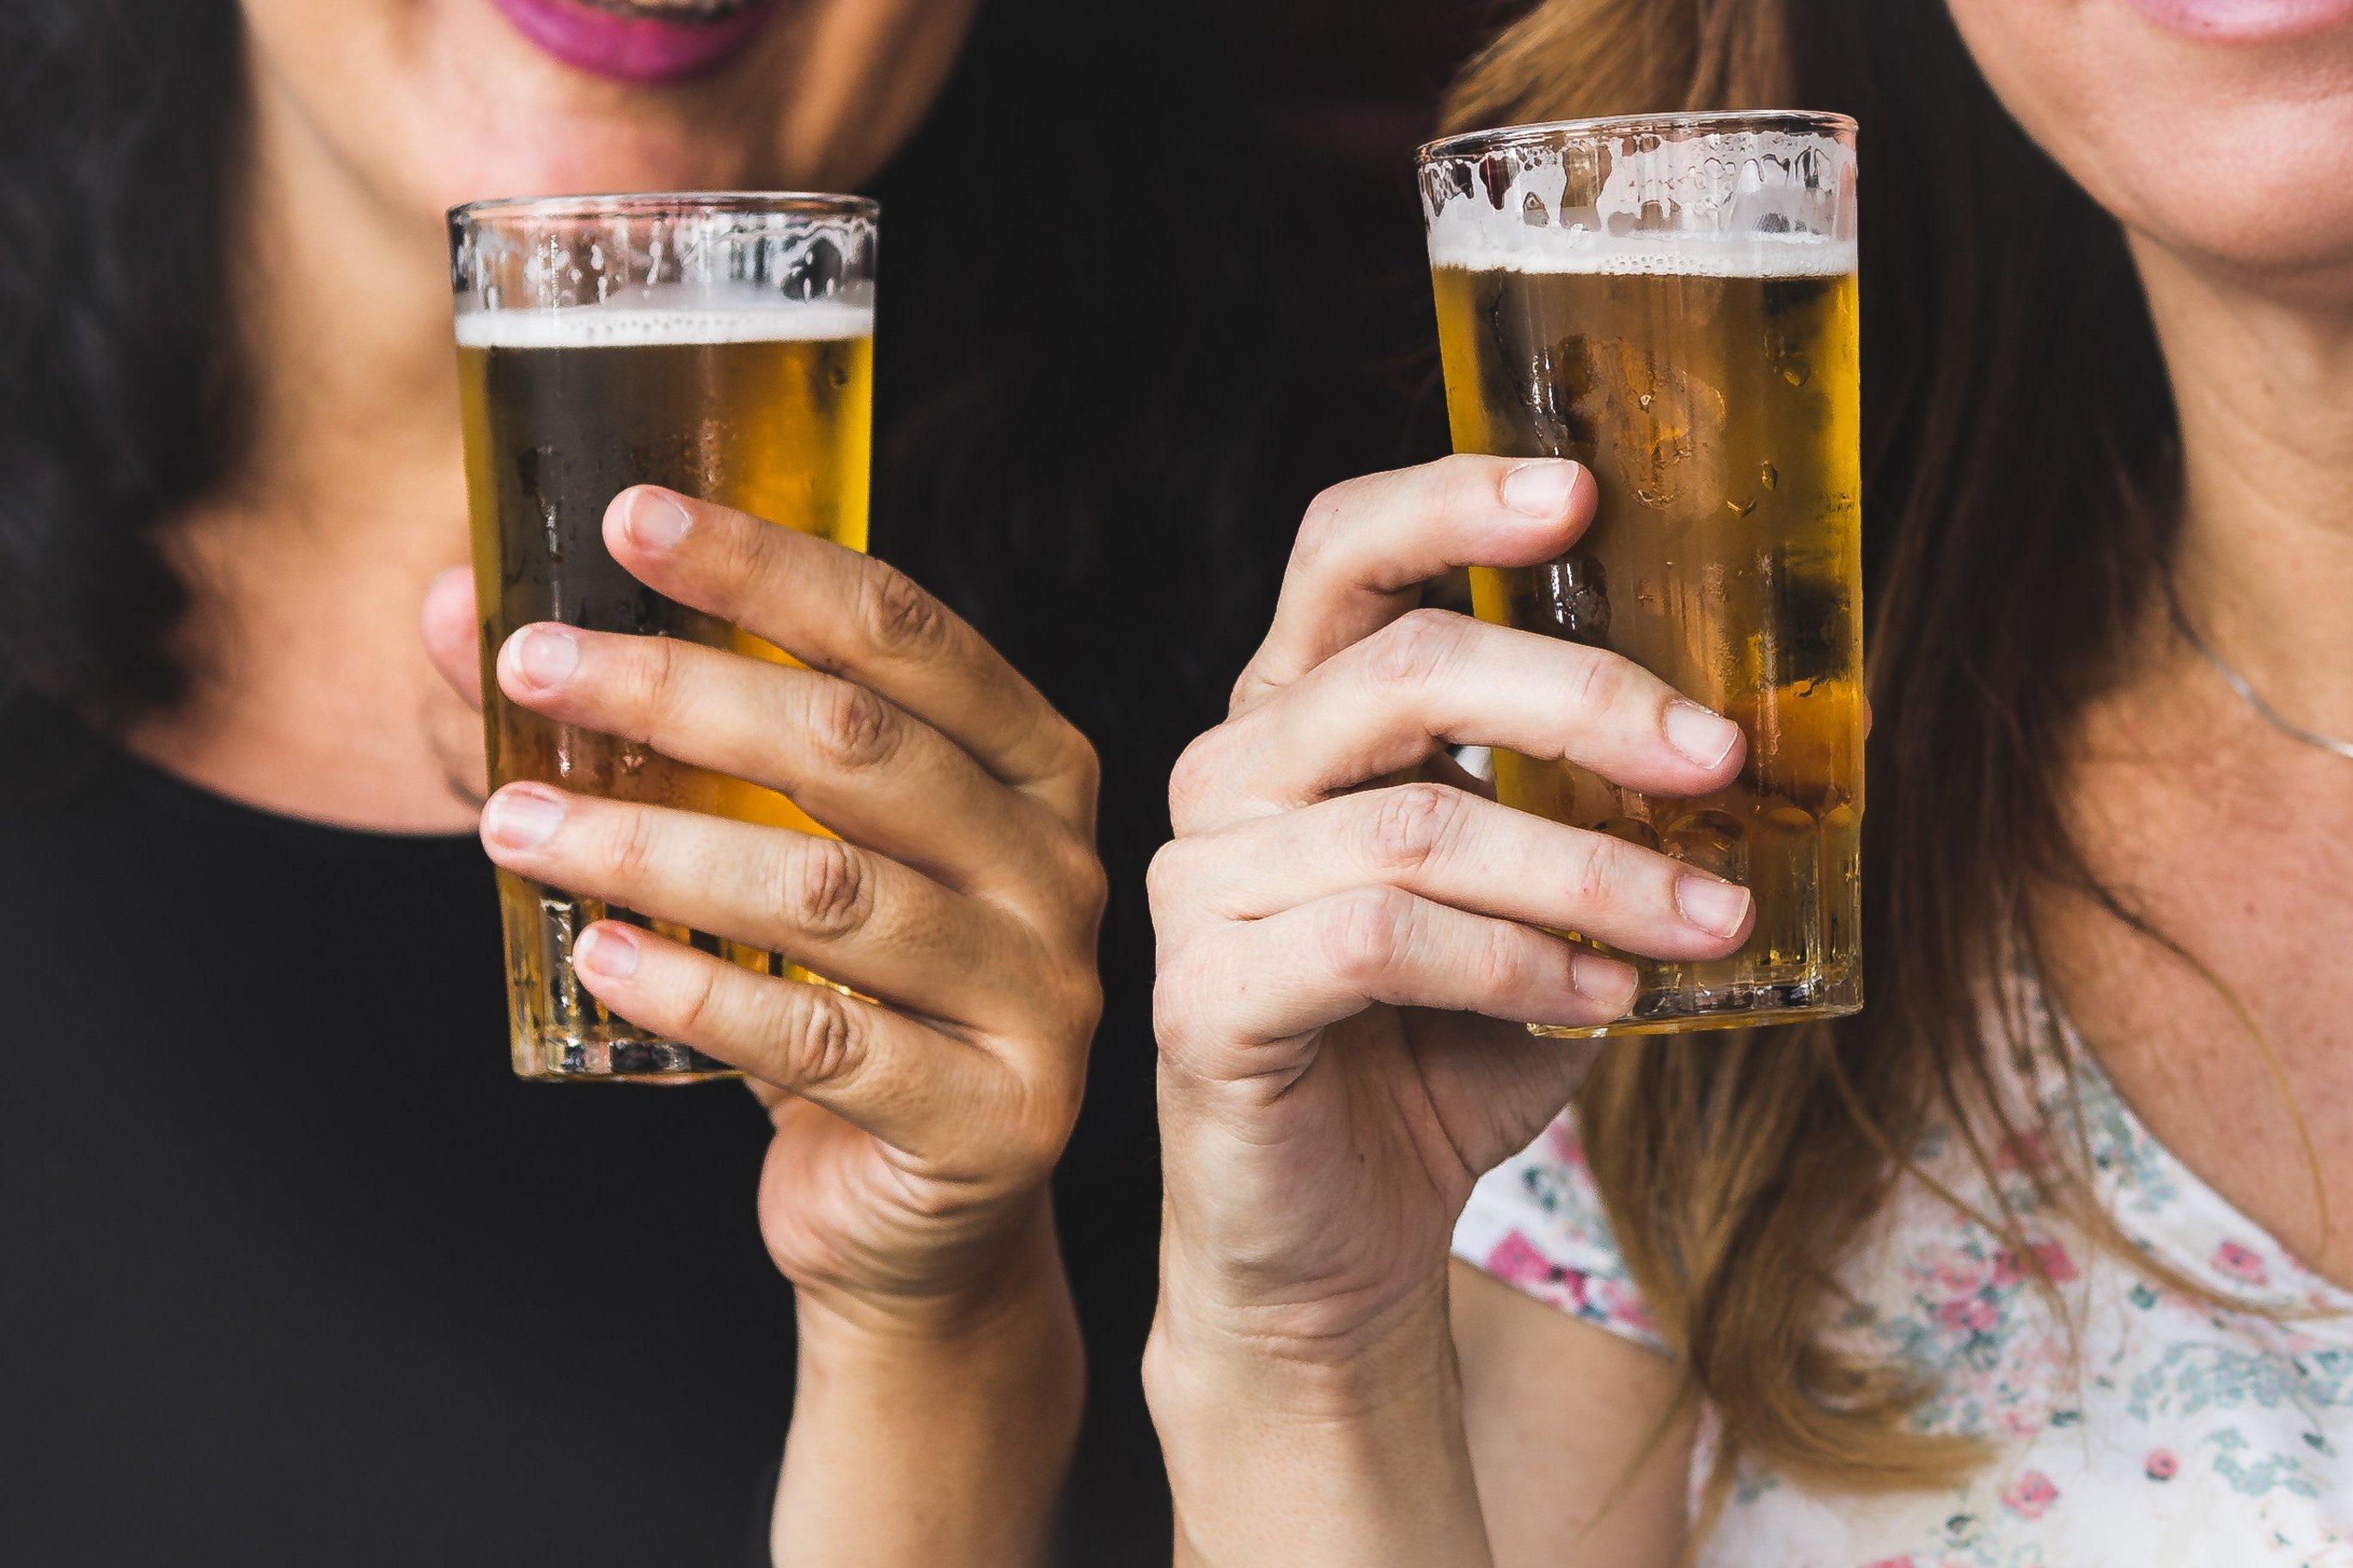 paloma a 439191 unsplash.jpg?resize=412,232 - Cerveja é a melhor aliada contra as rugas, dizem os cientistas